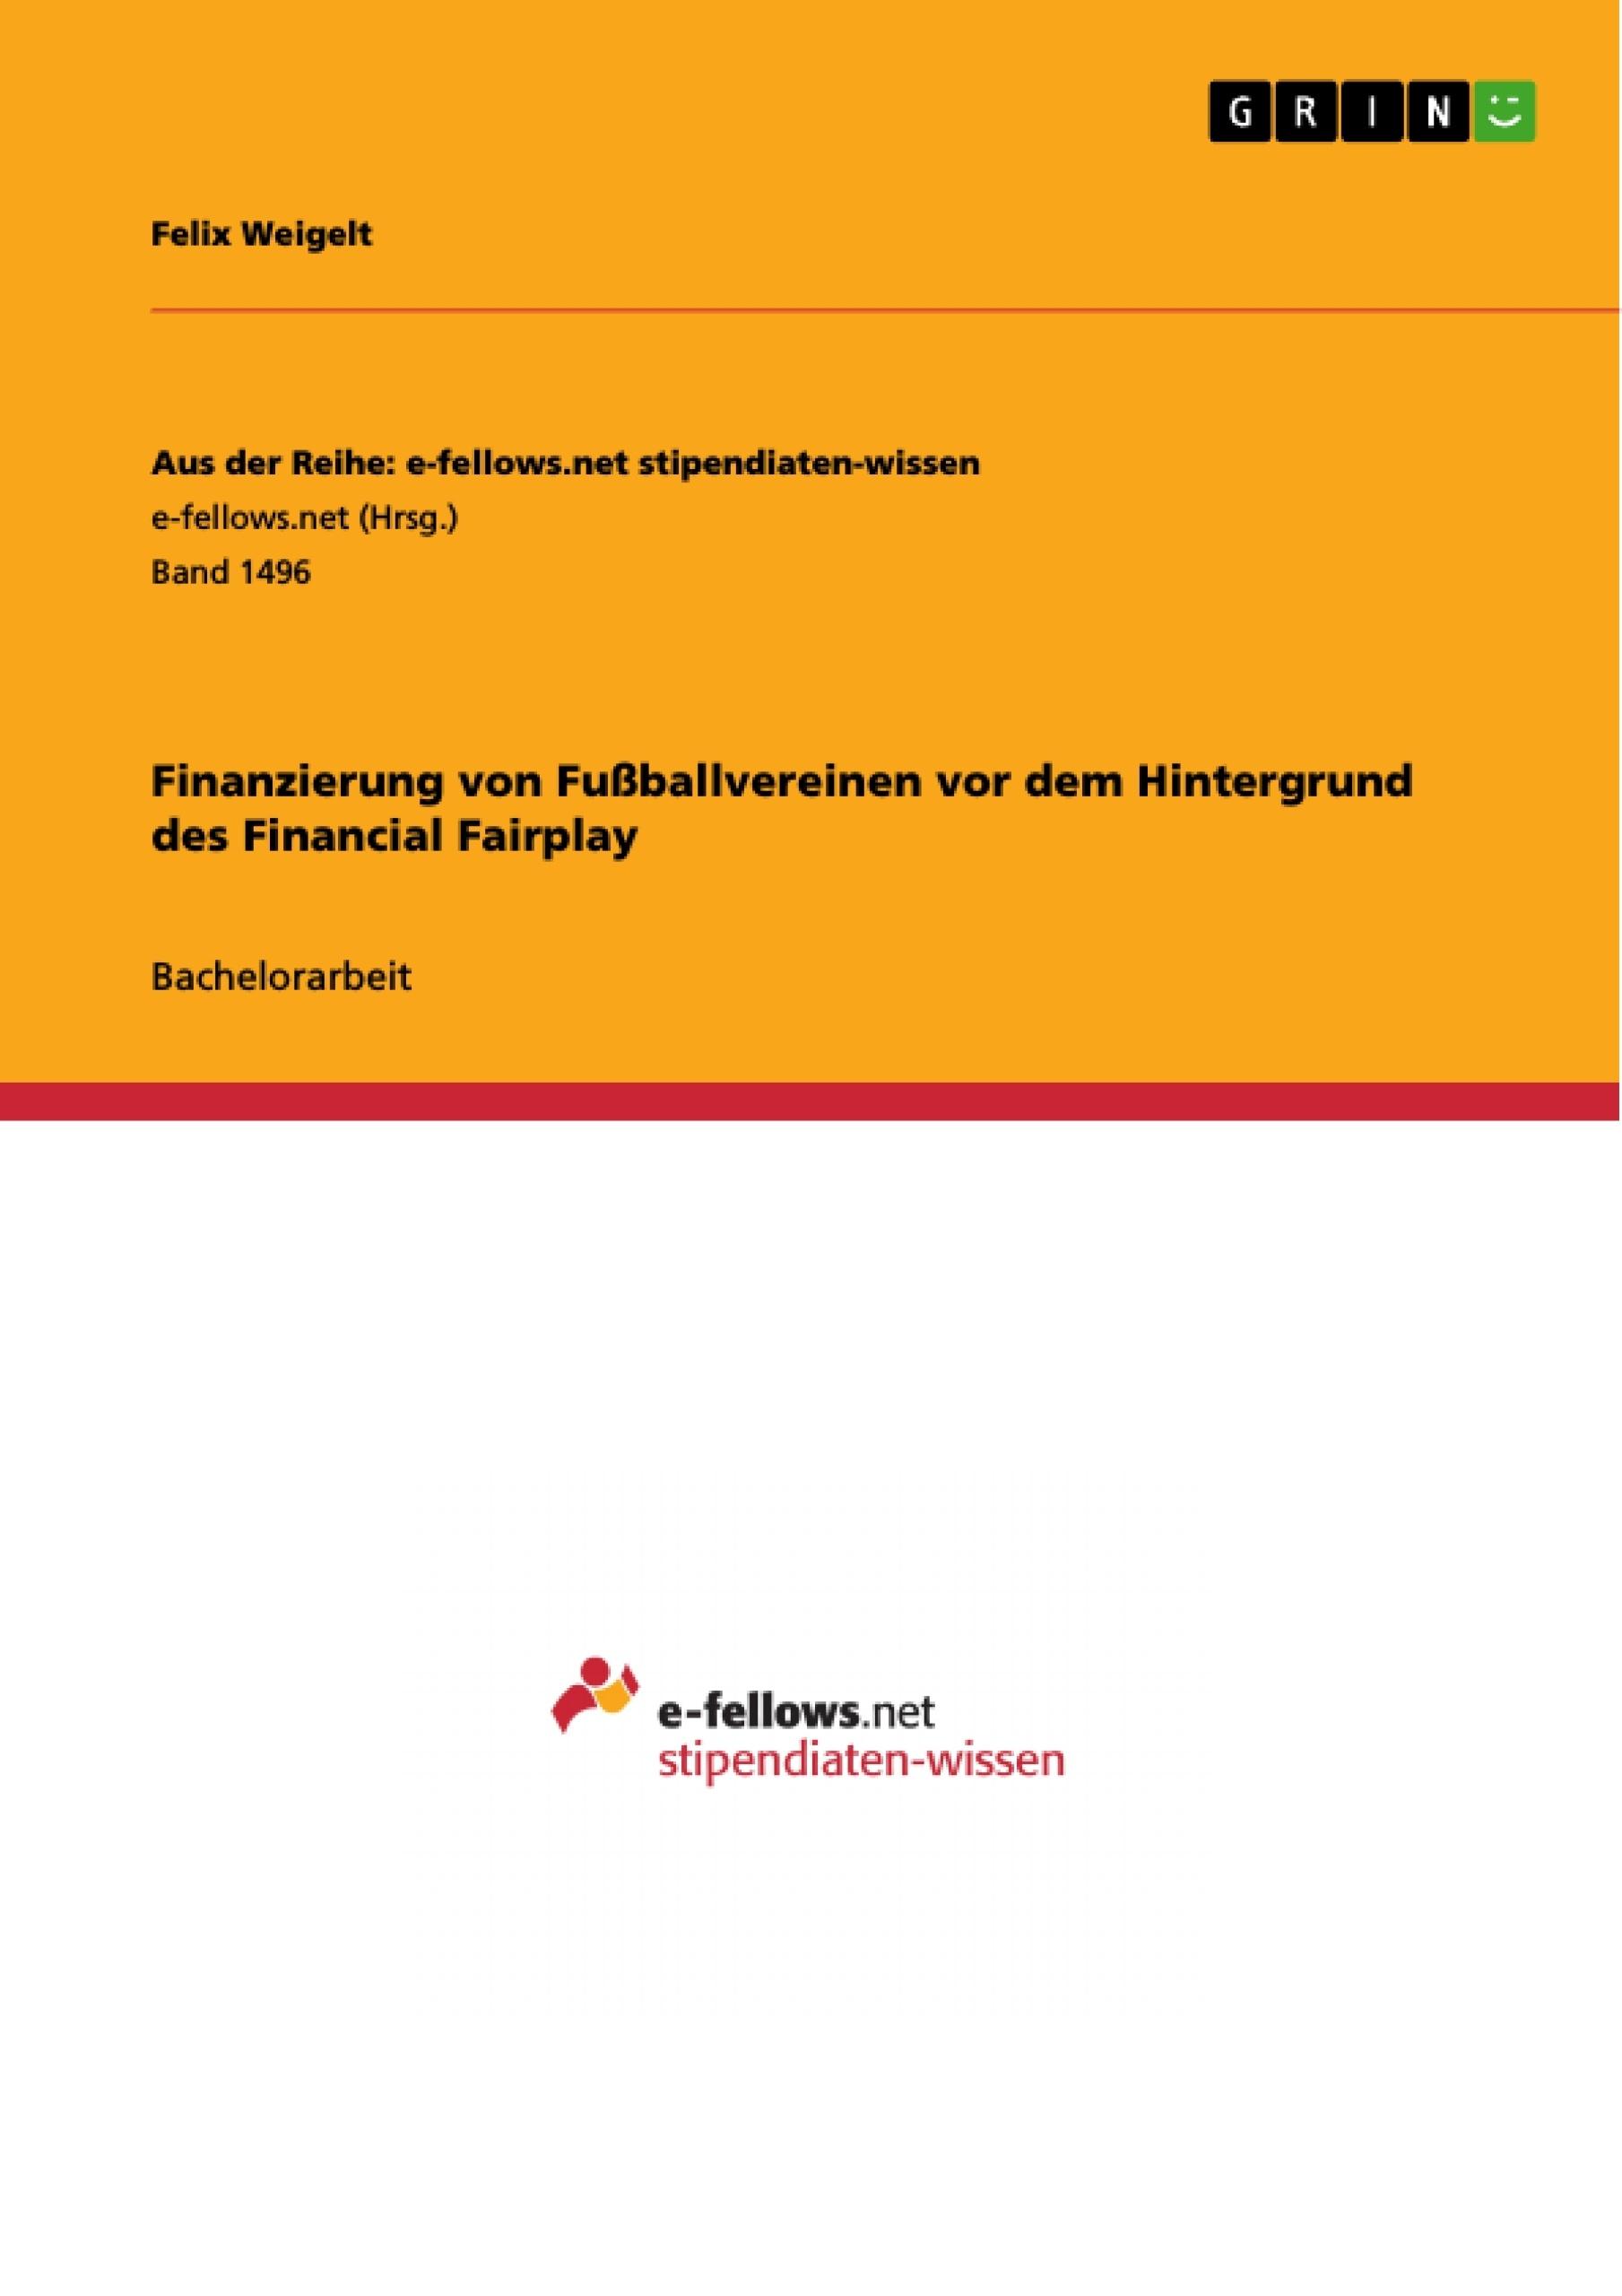 Titel: Finanzierung von Fußballvereinen vor dem Hintergrund des Financial Fairplay